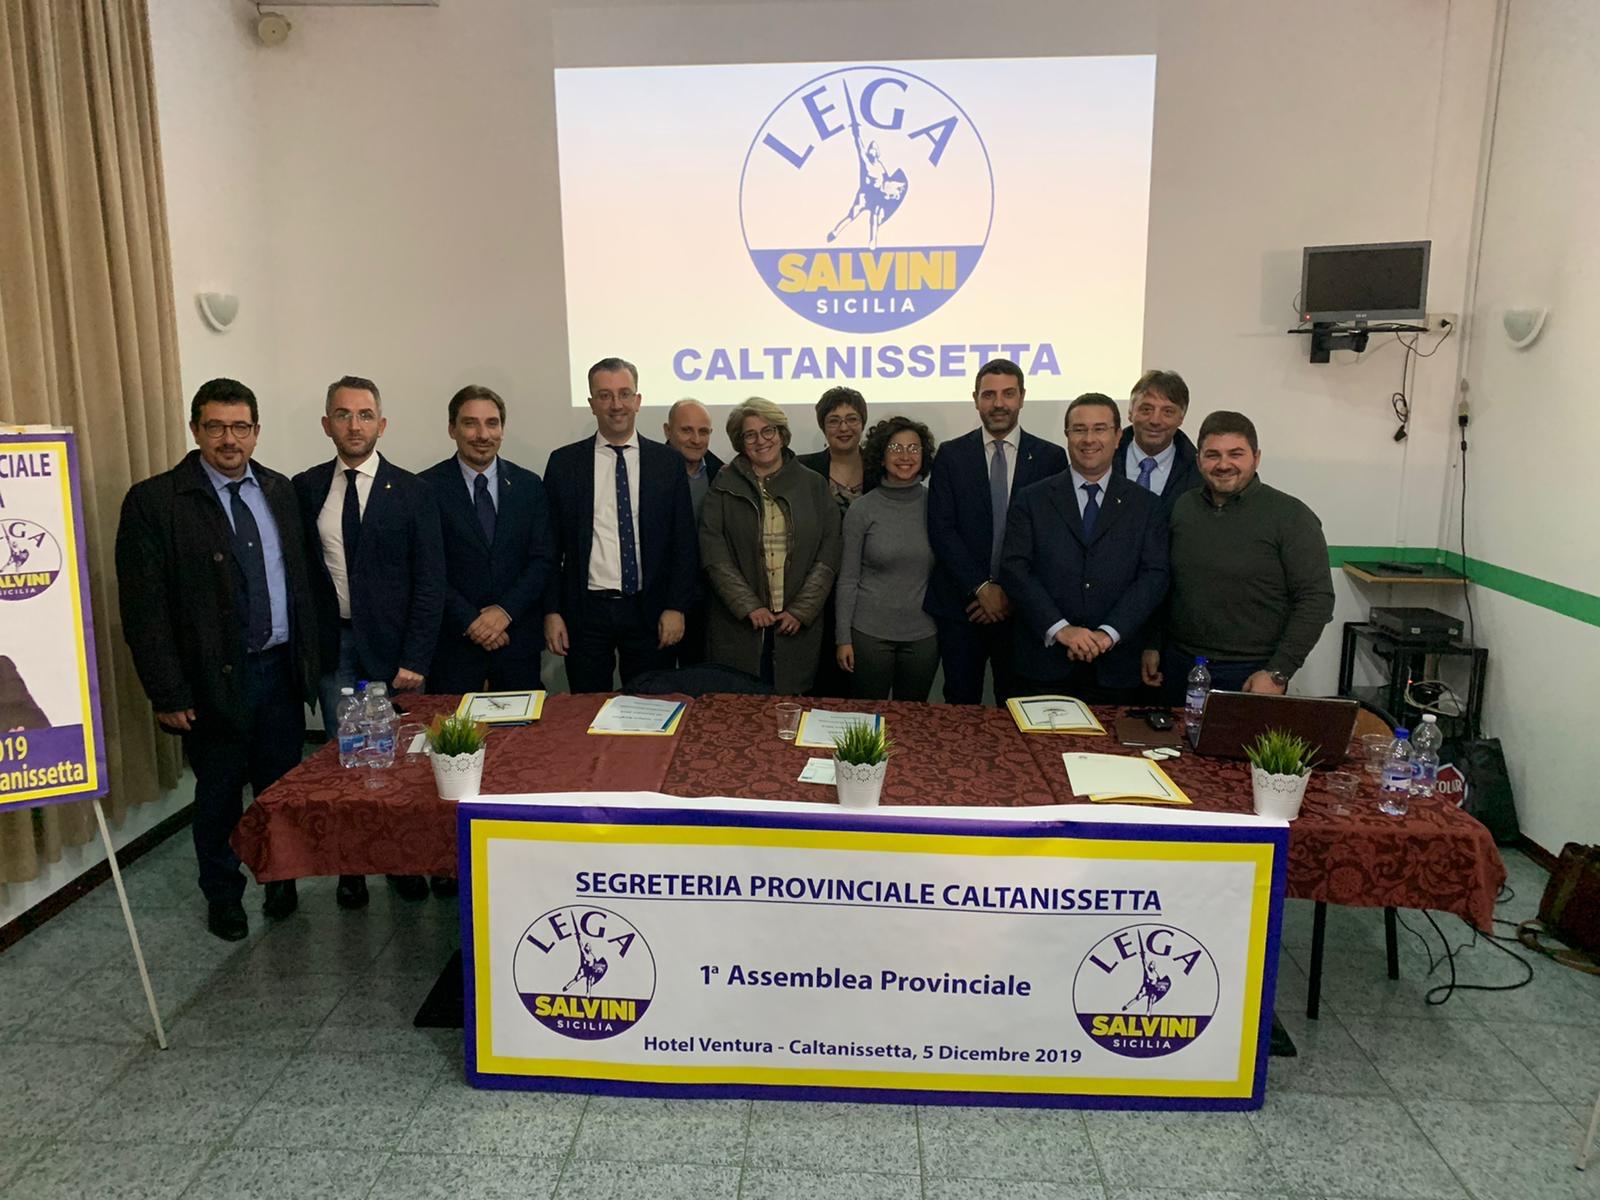 Prima assemblea provinciale Lega Caltanissetta, nominati i commissari